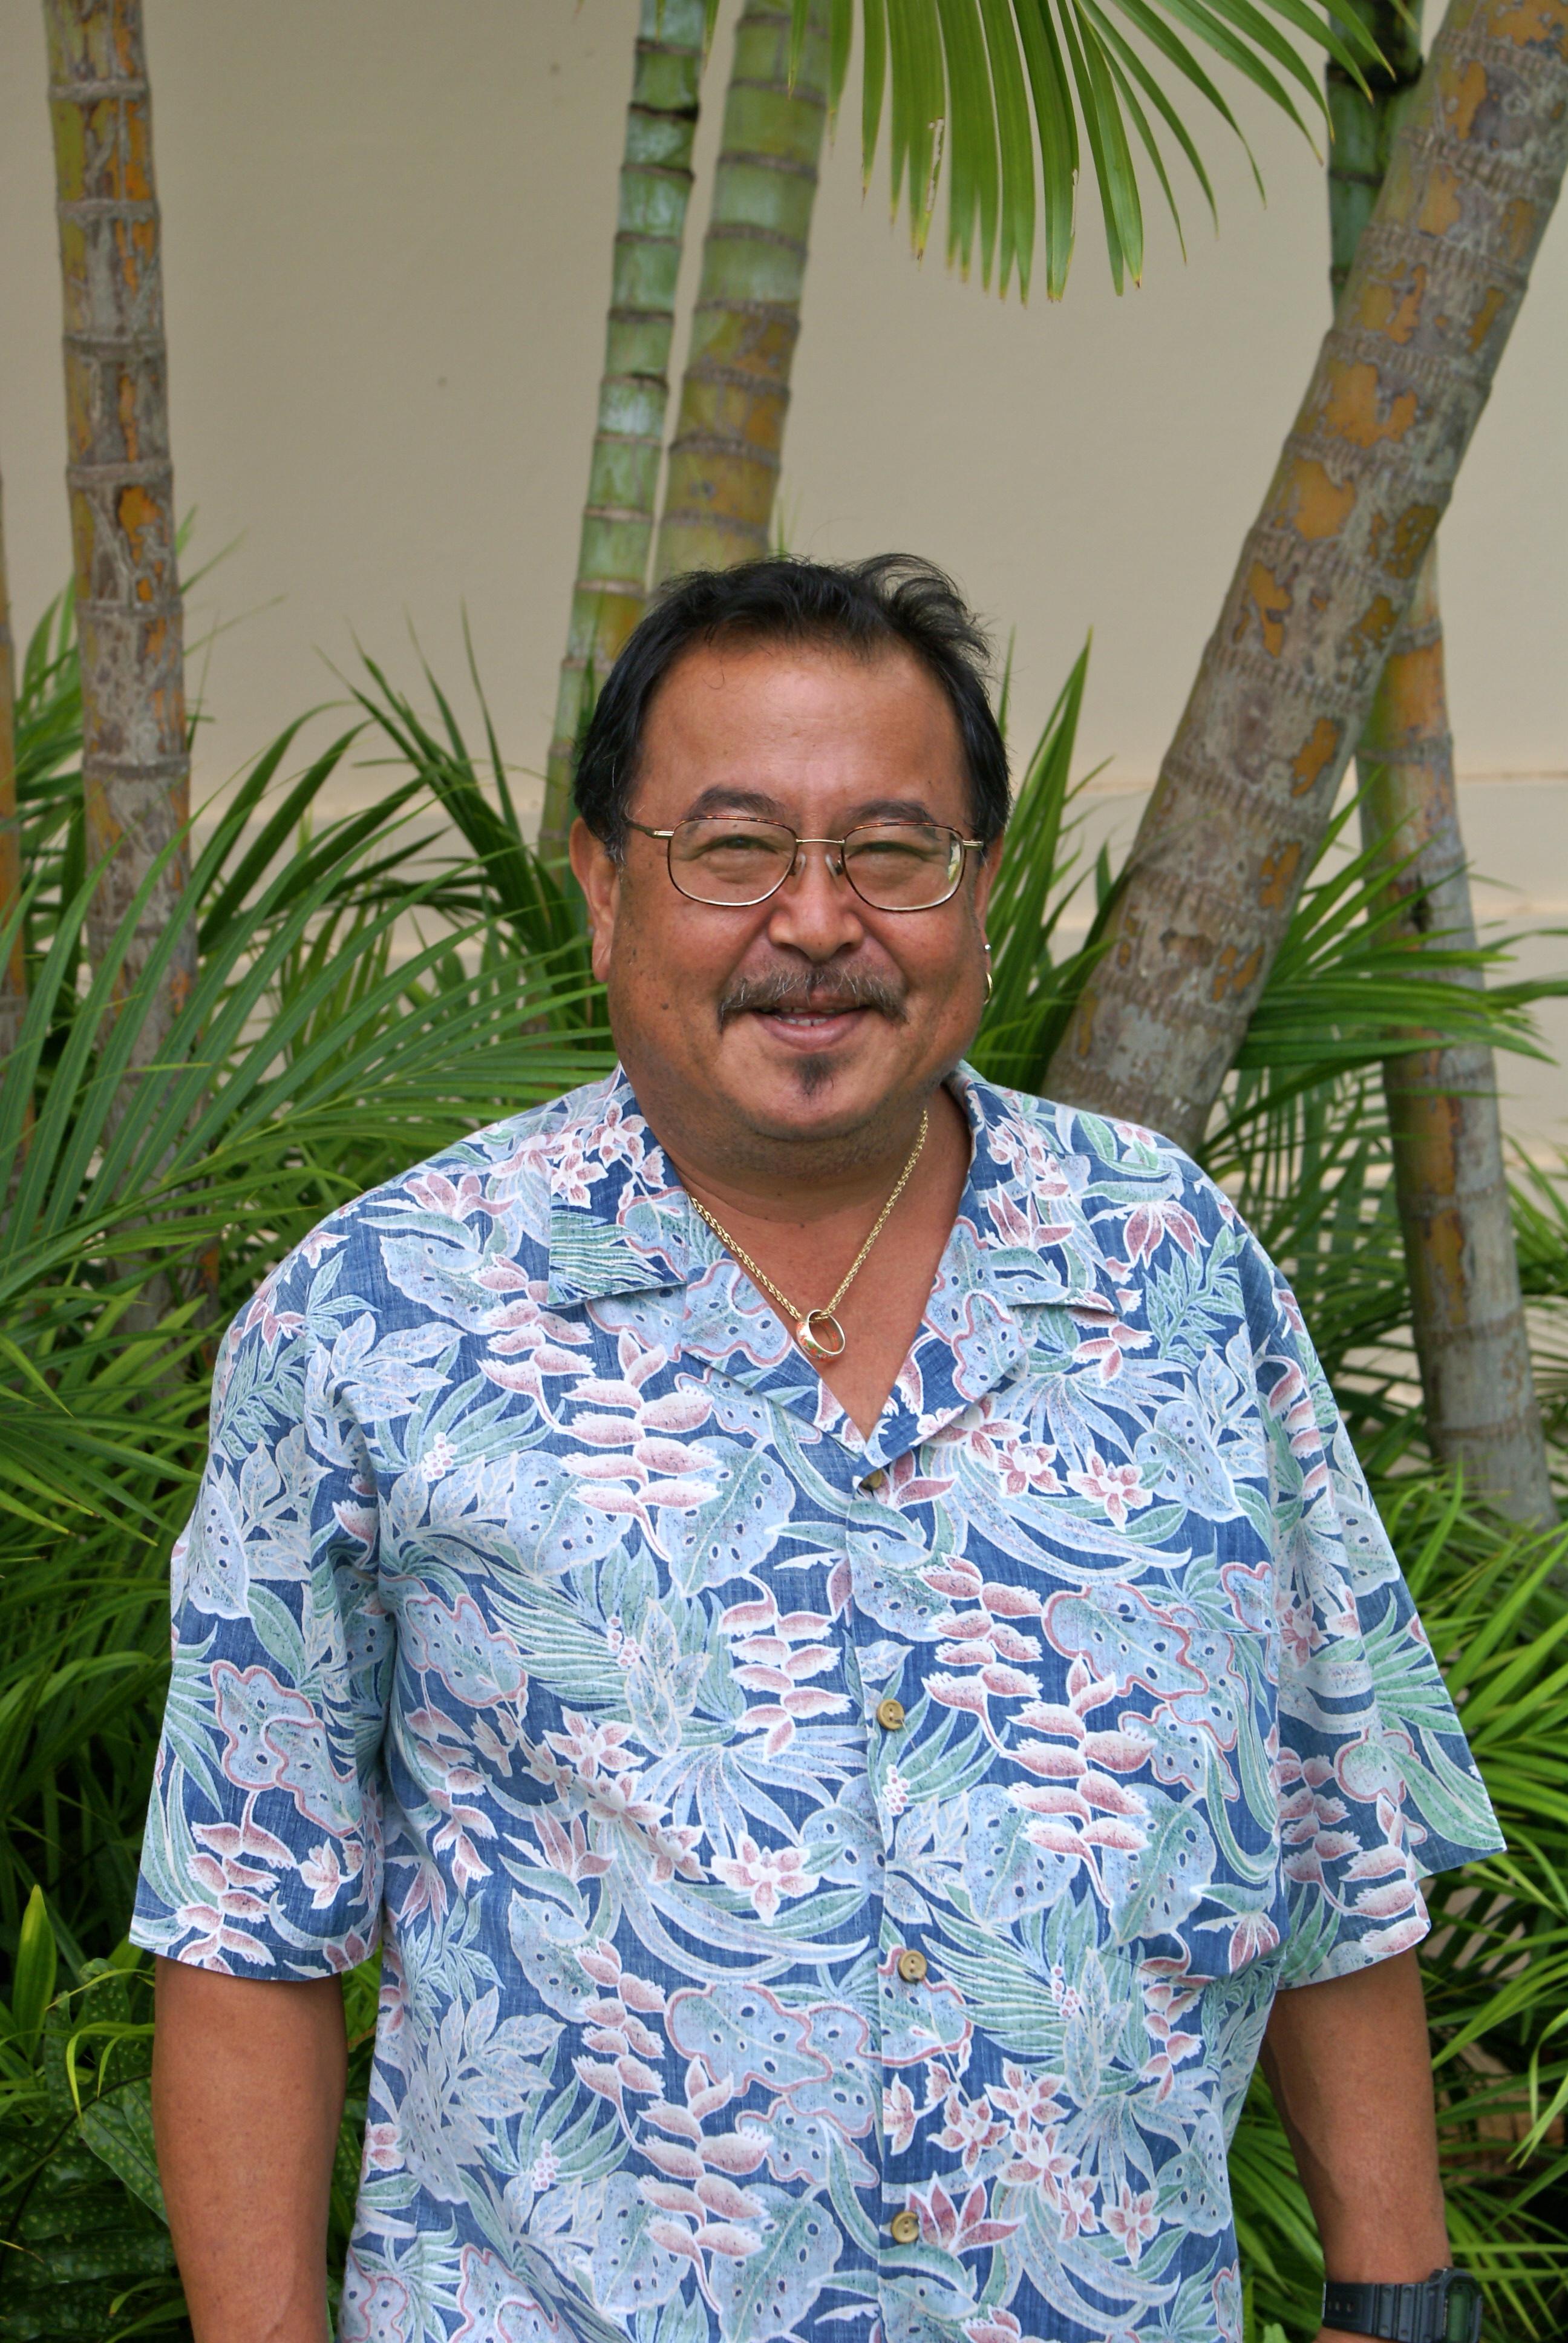 Rick Watanabe